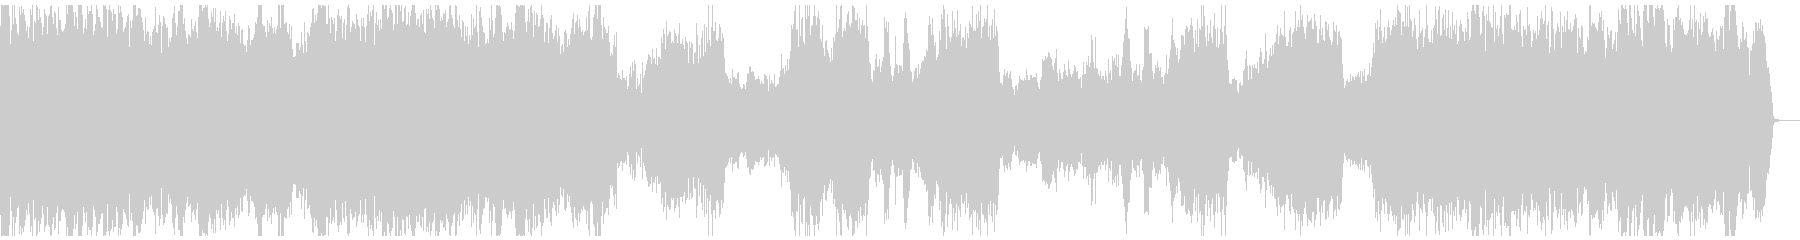 BWV1066/1『序曲』バッハの未再生の波形